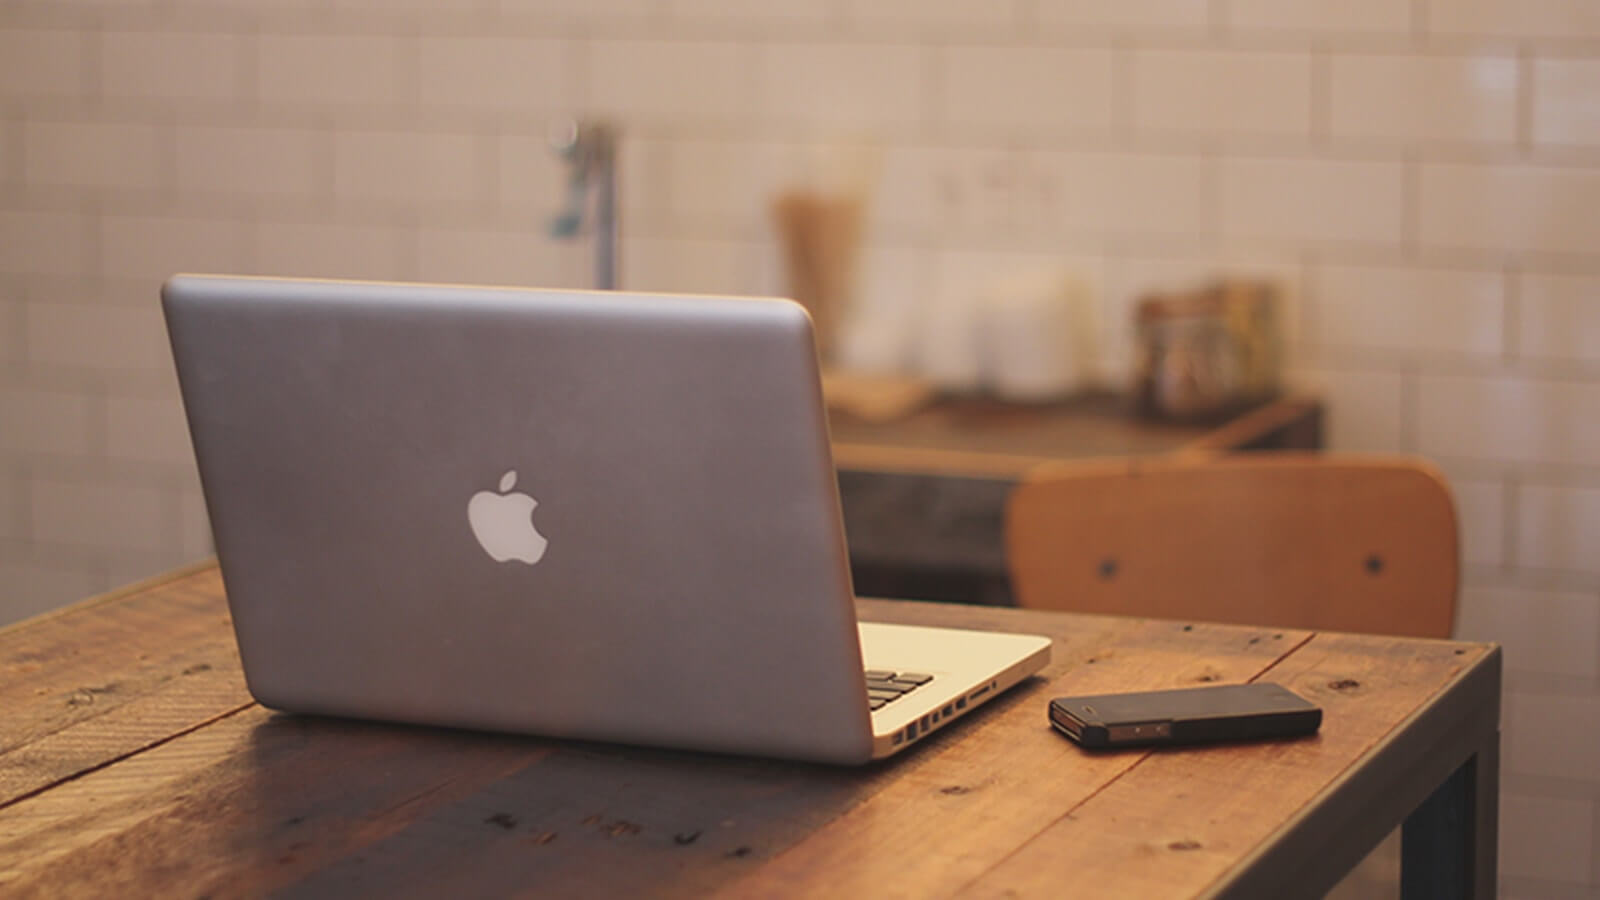 iPhoneでミラーリング|Macでの設定方法を解説|スマブロ